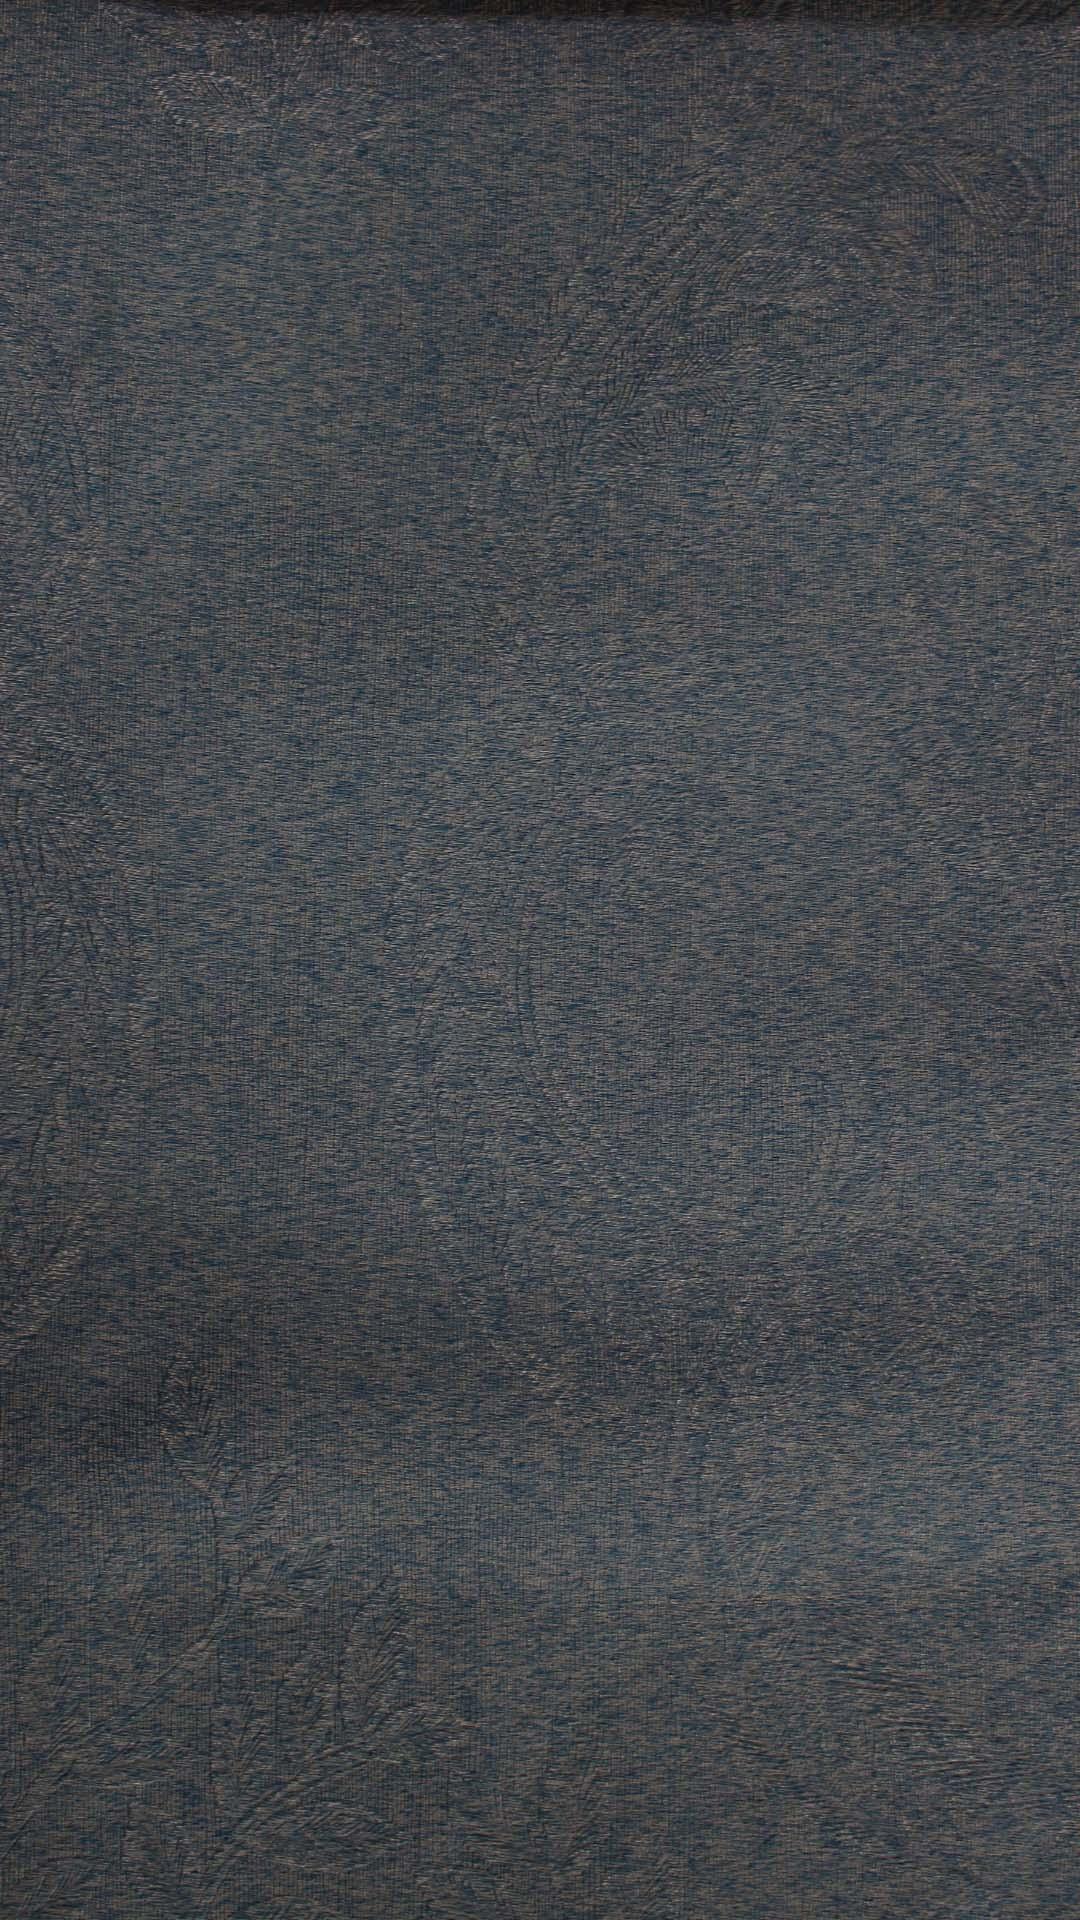 ผ้าม่าน Code No LC585-2